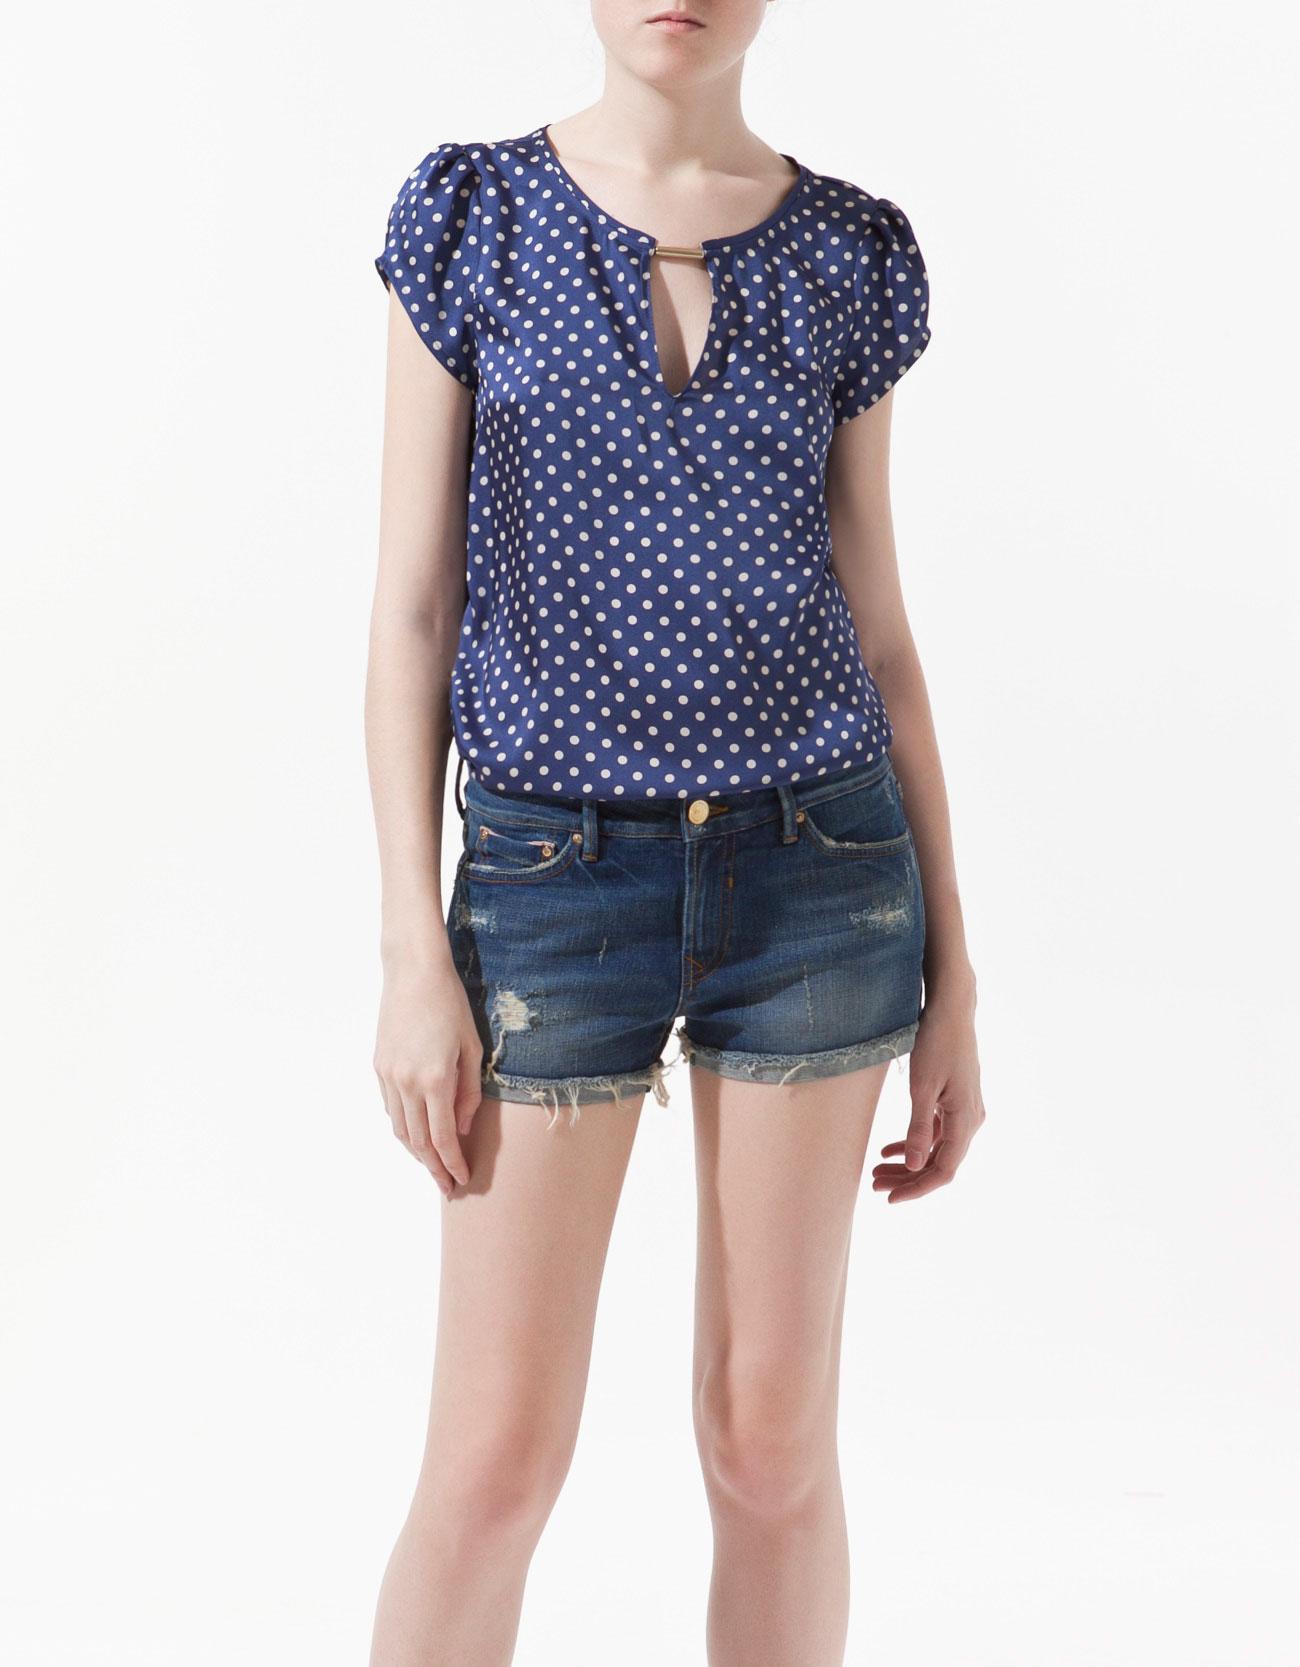 Zara Printed Chiffon Blouse 60